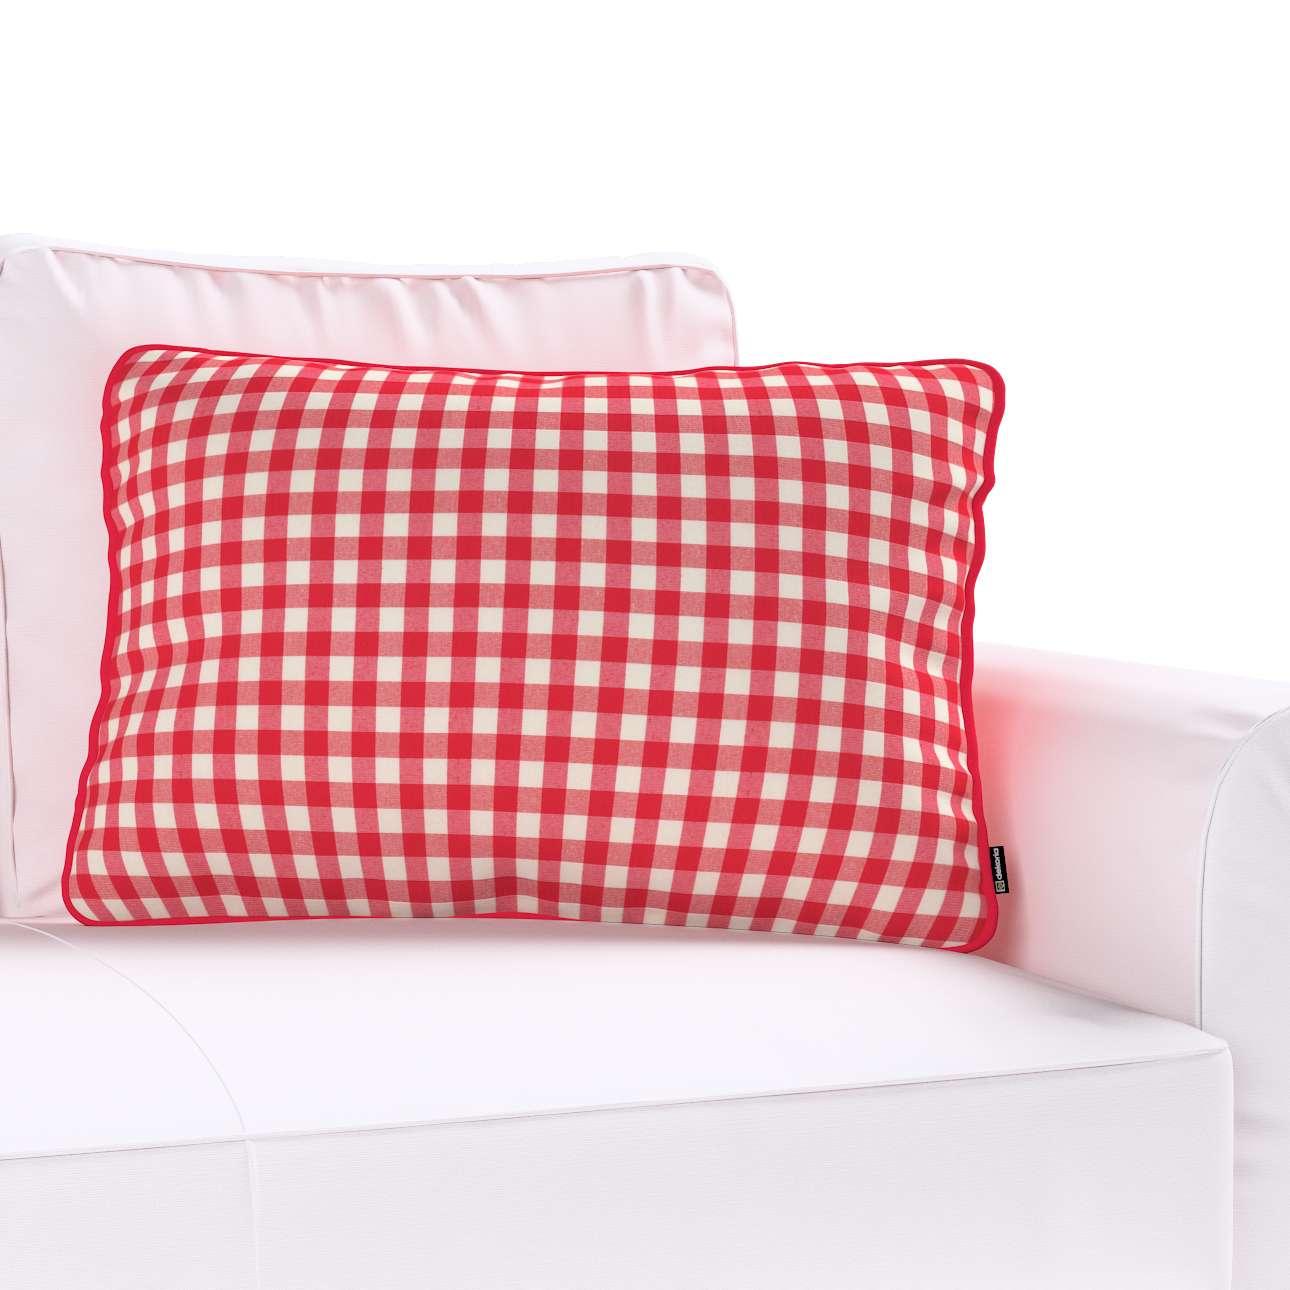 Poszewka Gabi na poduszkę prostokątna w kolekcji Quadro, tkanina: 136-16